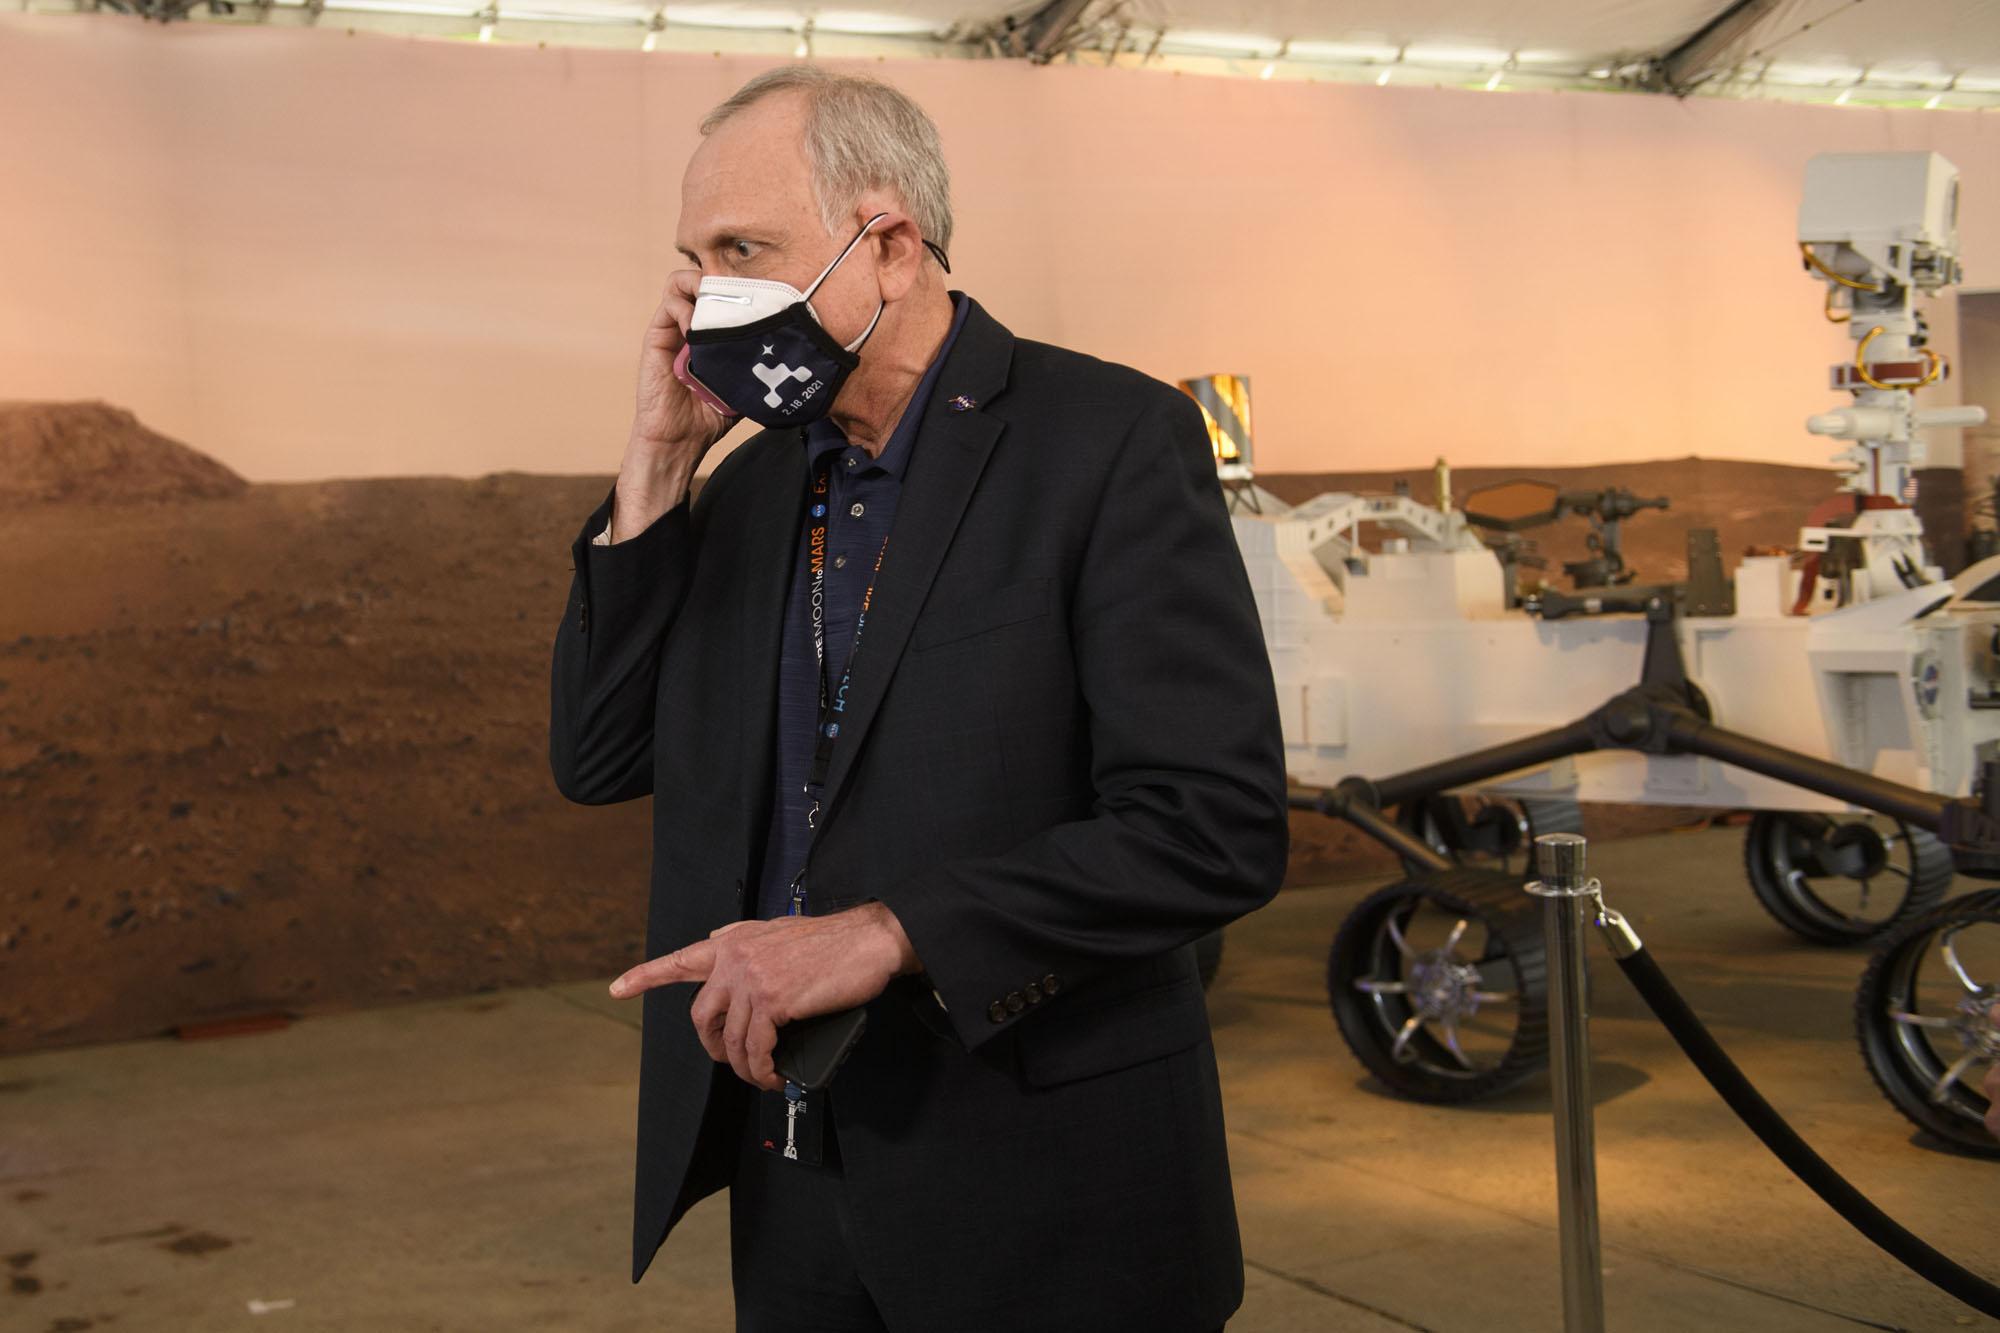 L'administrateur par intérim de la NASA, Steve Jurczyk, reçoit un appel du président américain Joe Biden au Jet Propulsion Laboratory (JPL) de la NASA après l'atterrissage réussi du rover Mars 2020 Perseverance le 18 février 2021 à Pasadena, en Californie.